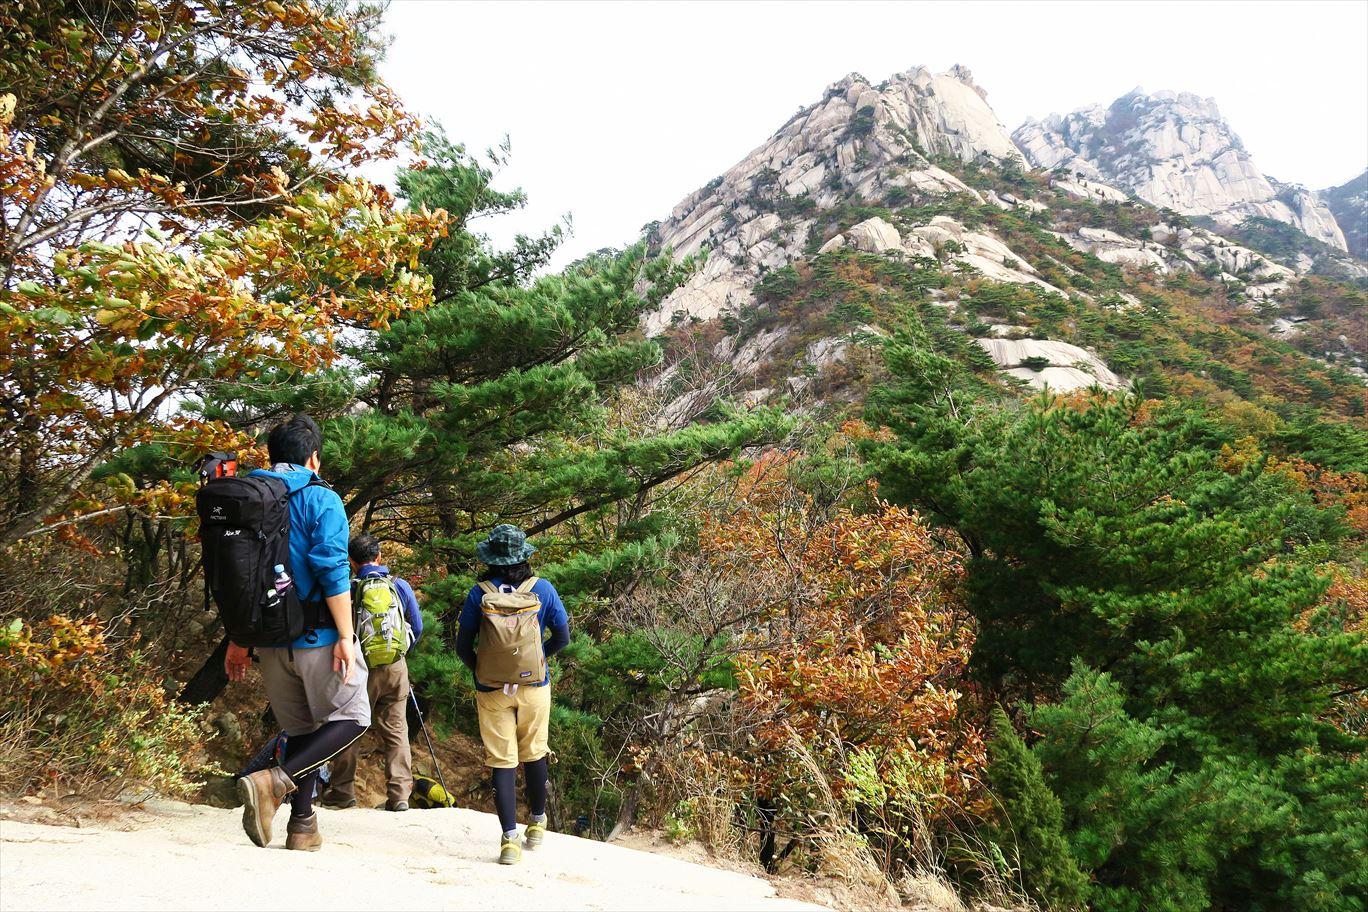 モンベルxアルパインツアー・コラボレーション特別企画 ソウルの名峰・北漢山十二城門周遊トレッキング 4日間